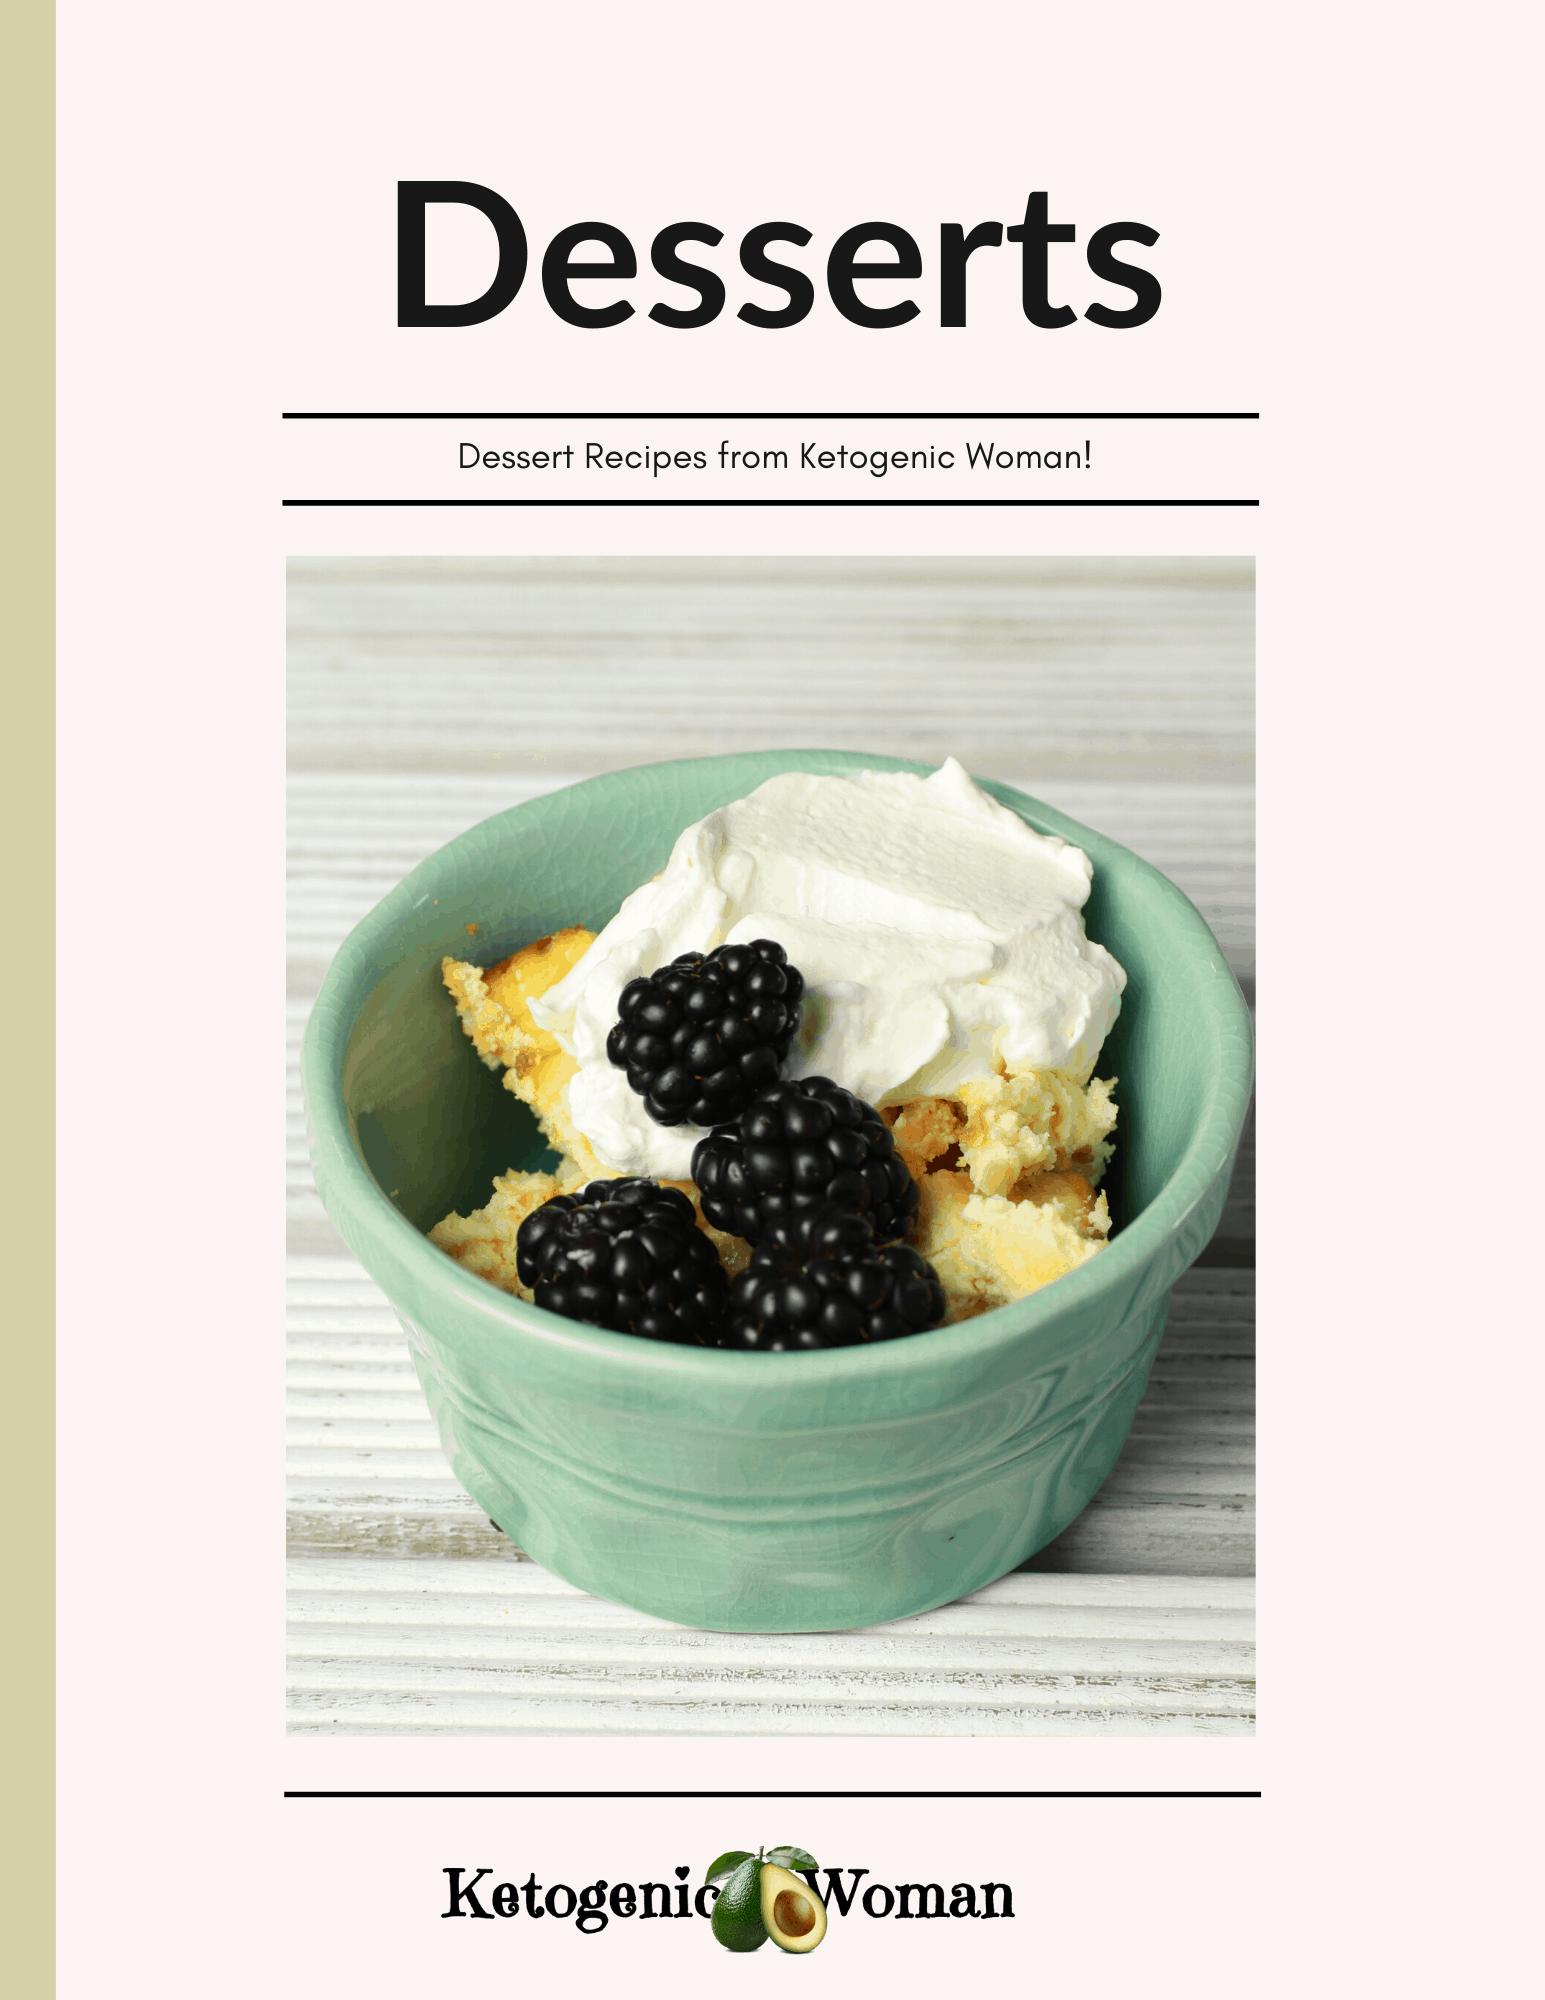 Keto Dessert Book Cover image